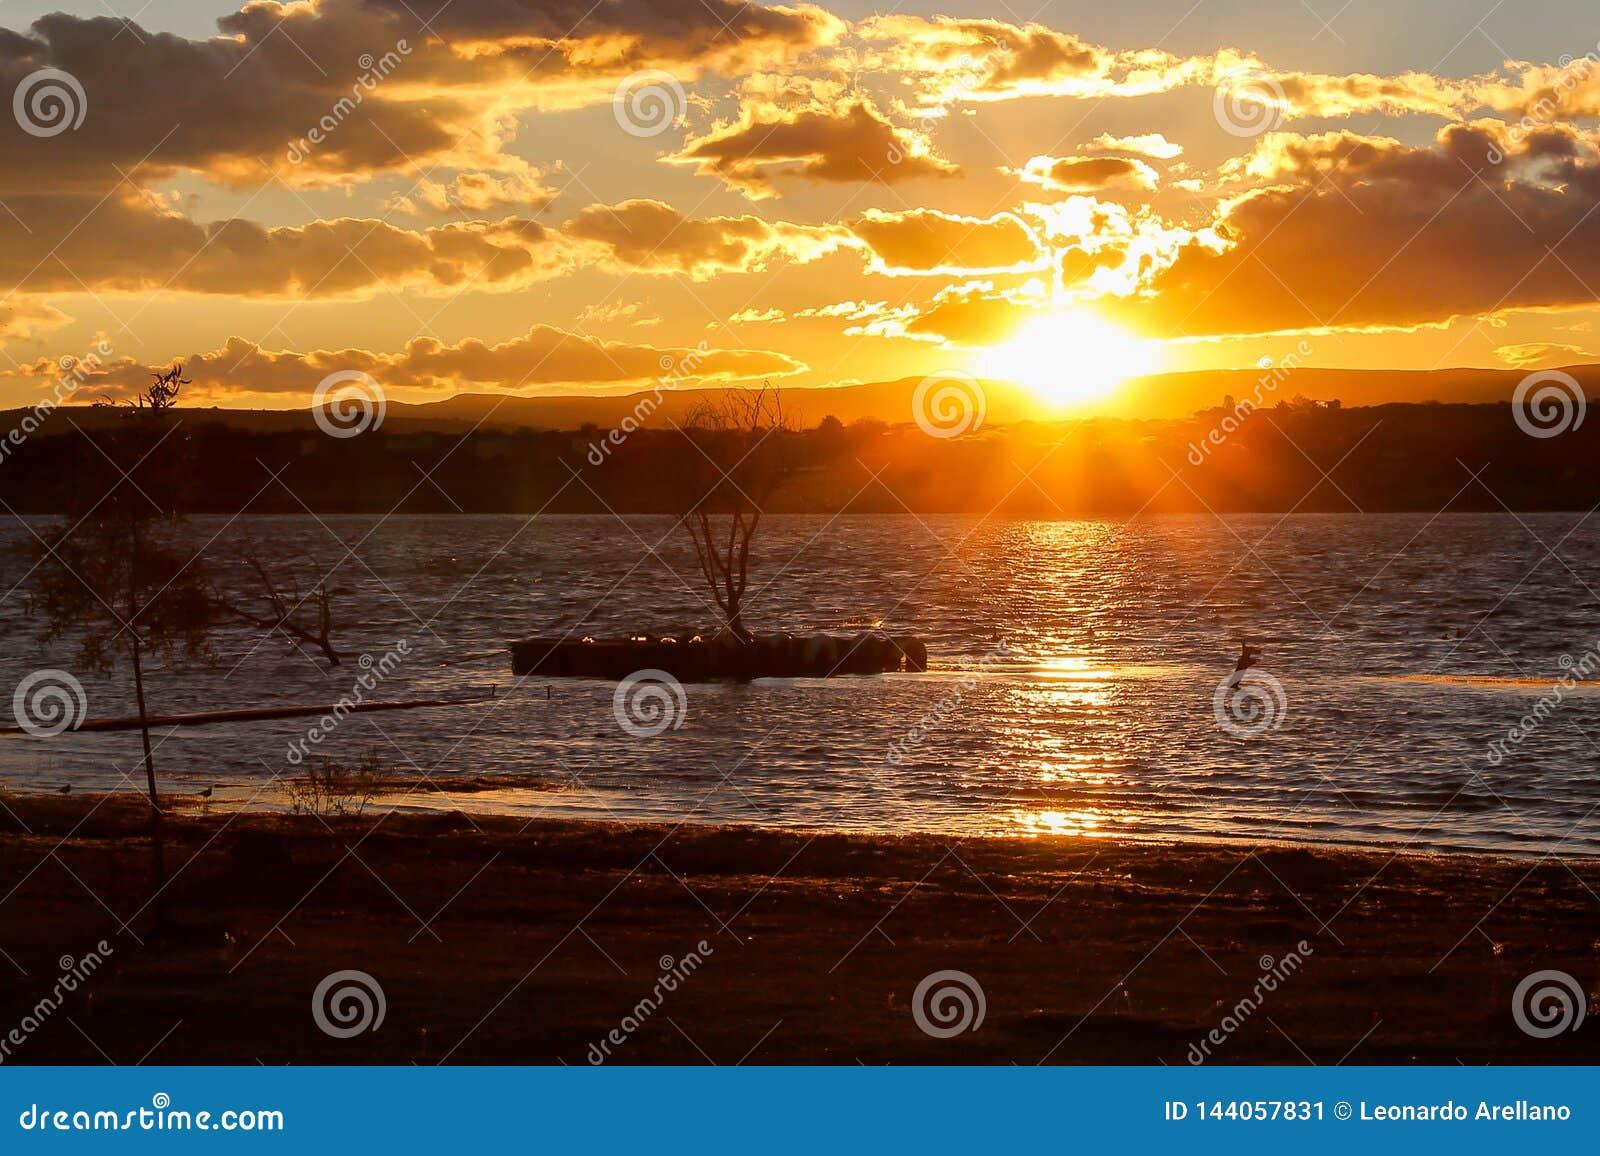 Puesta del sol en el lago y el campo